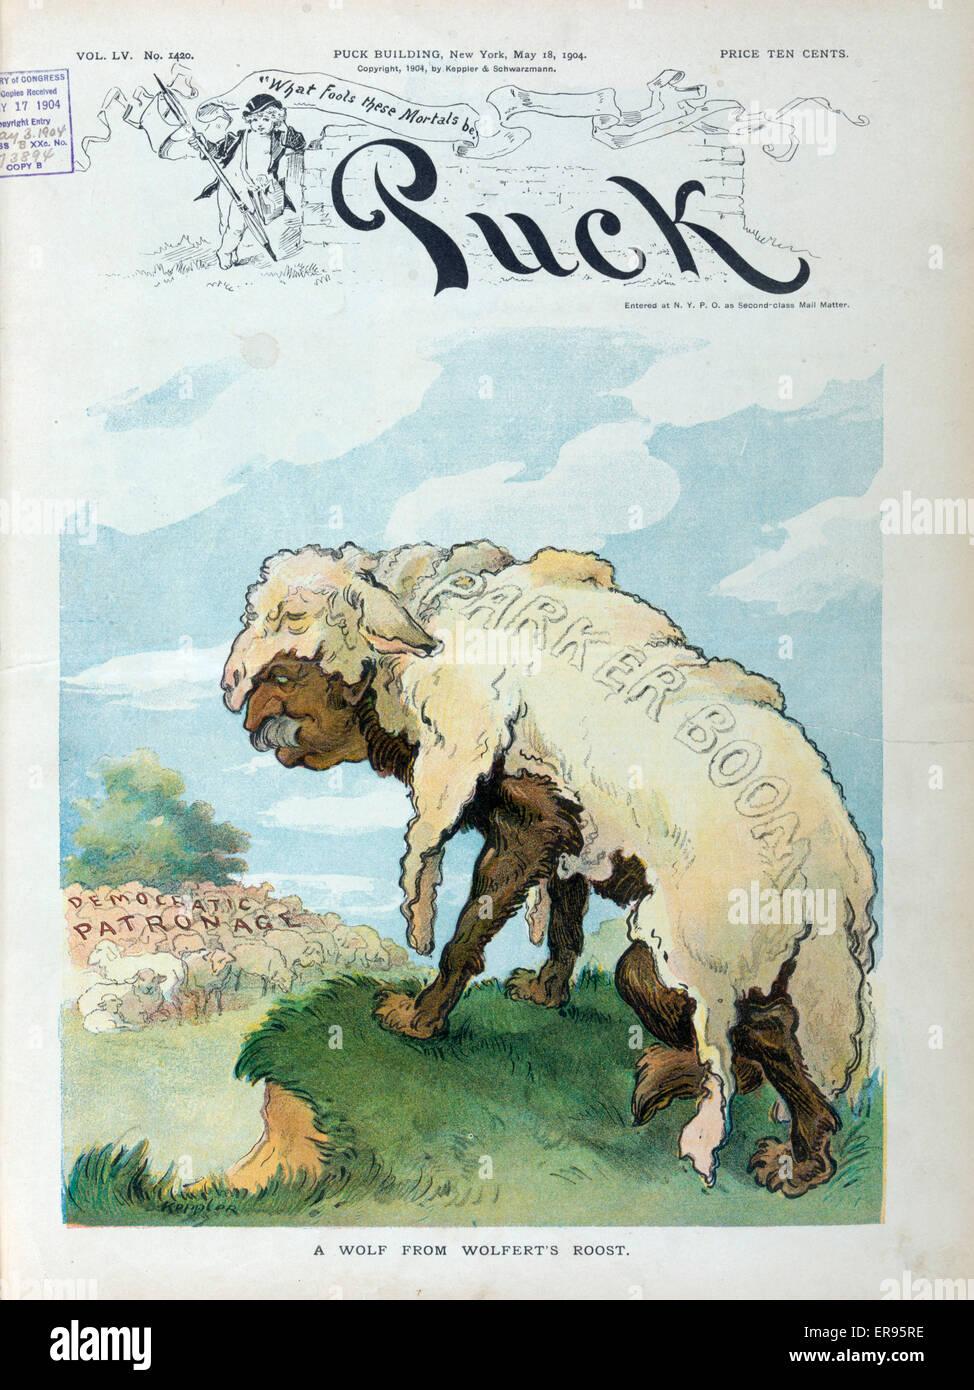 Un lupo da Wolfert s Roost. Illustrazione mostra Alton B. Parker( ) come bc011db8e96c